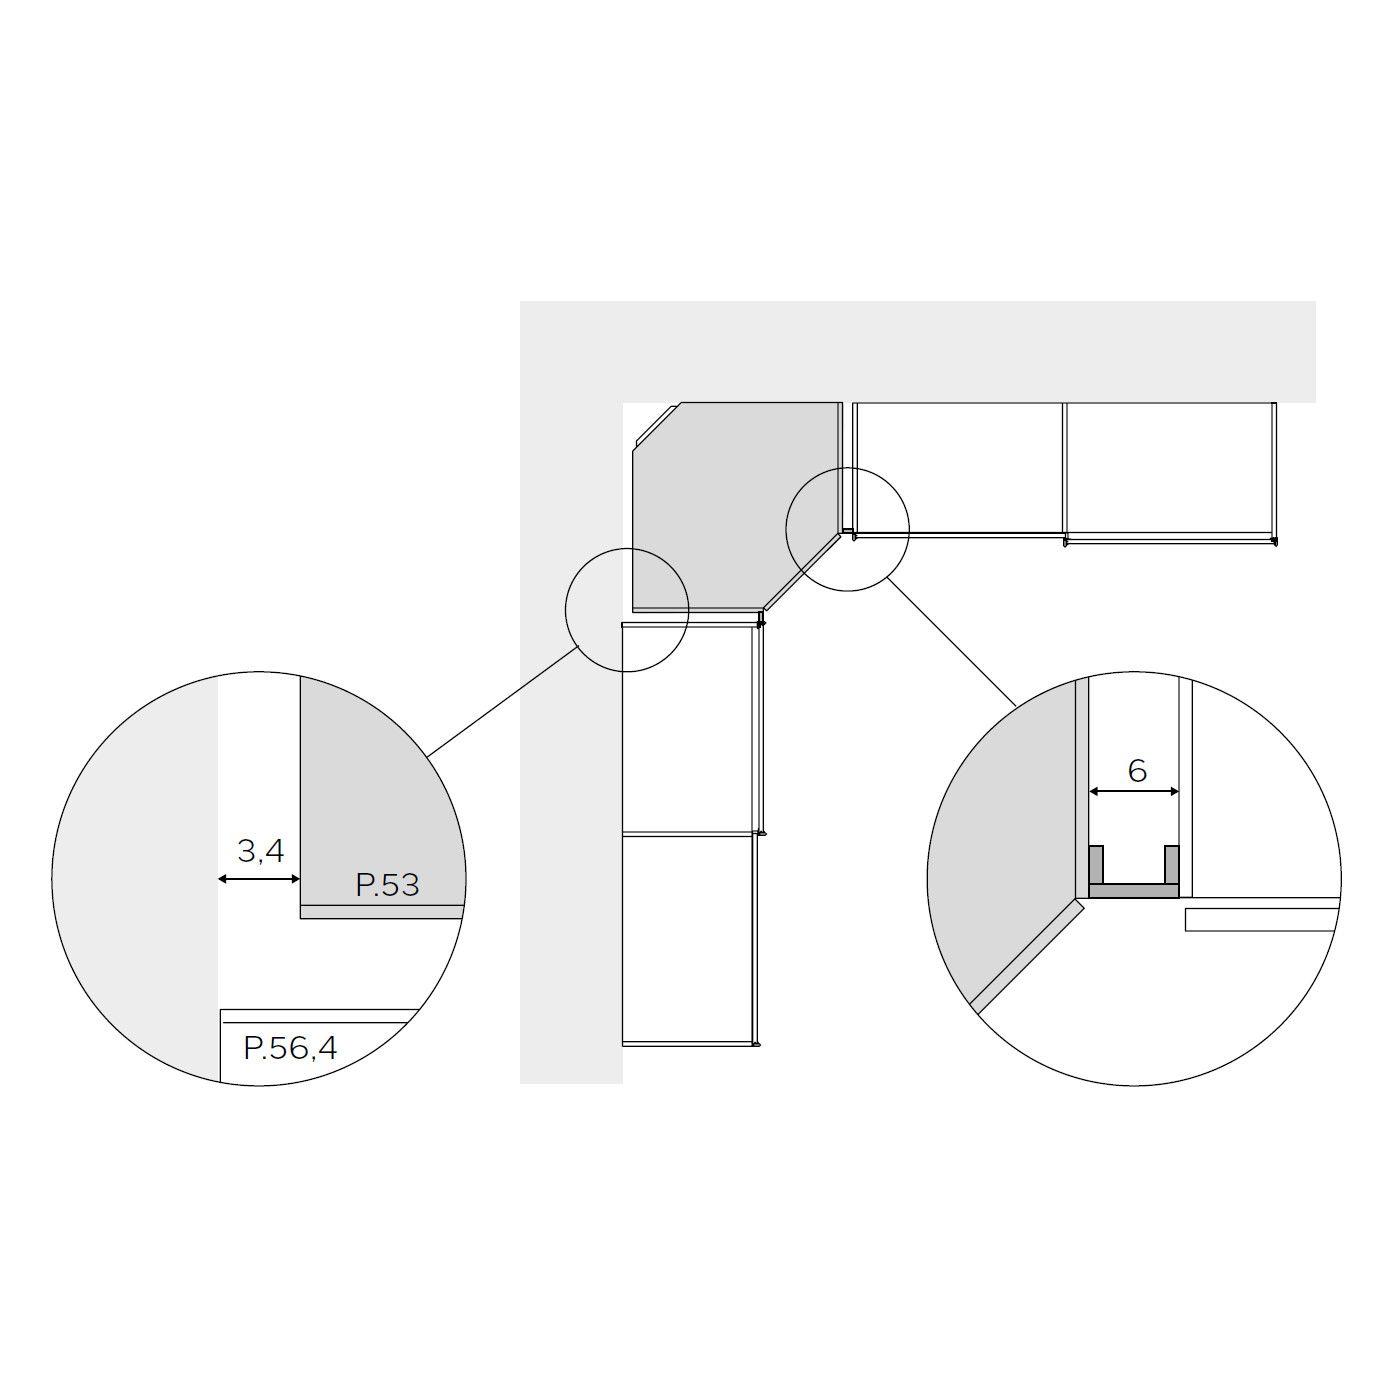 Vendita mobili online - Fascia di tamponamento per angolo ...